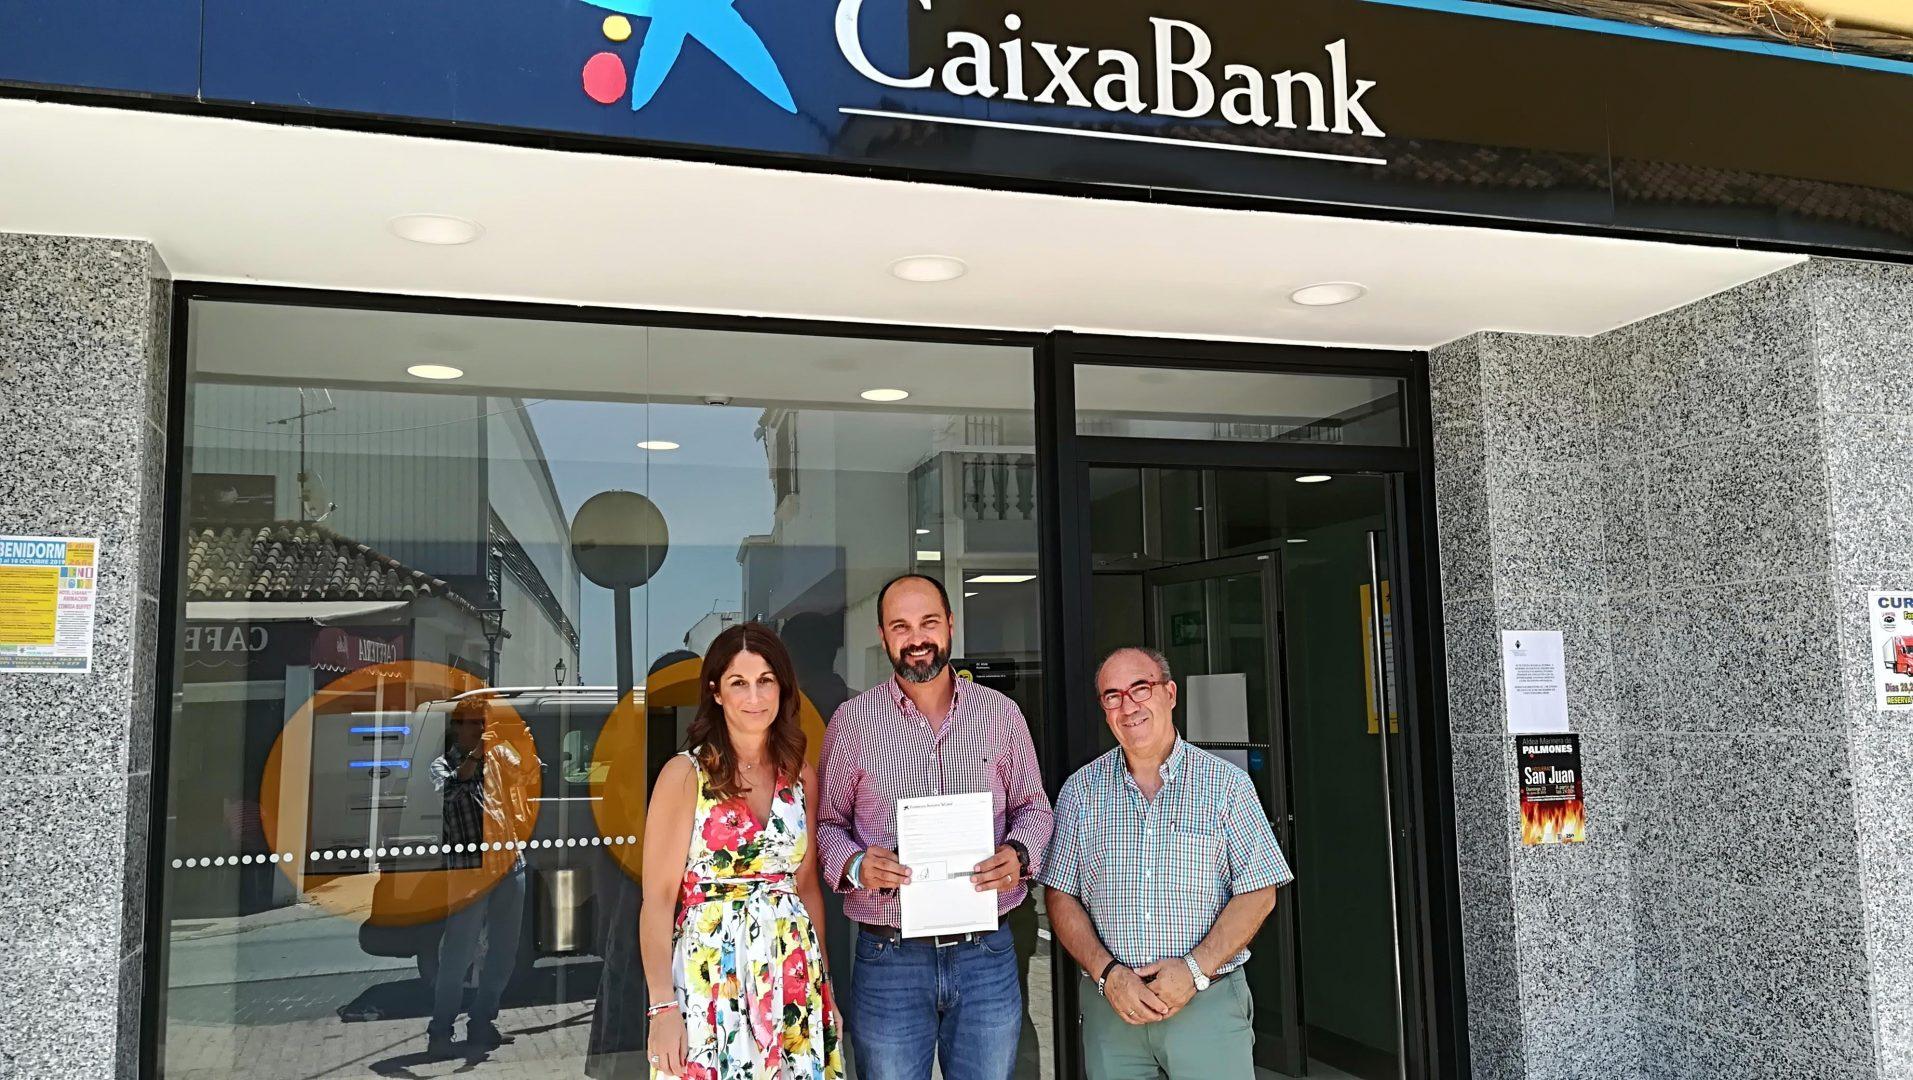 La Ayuntamiento Nueva Con Al Una Anfibia Silla Caixa Permite Contar A3Rj5L4